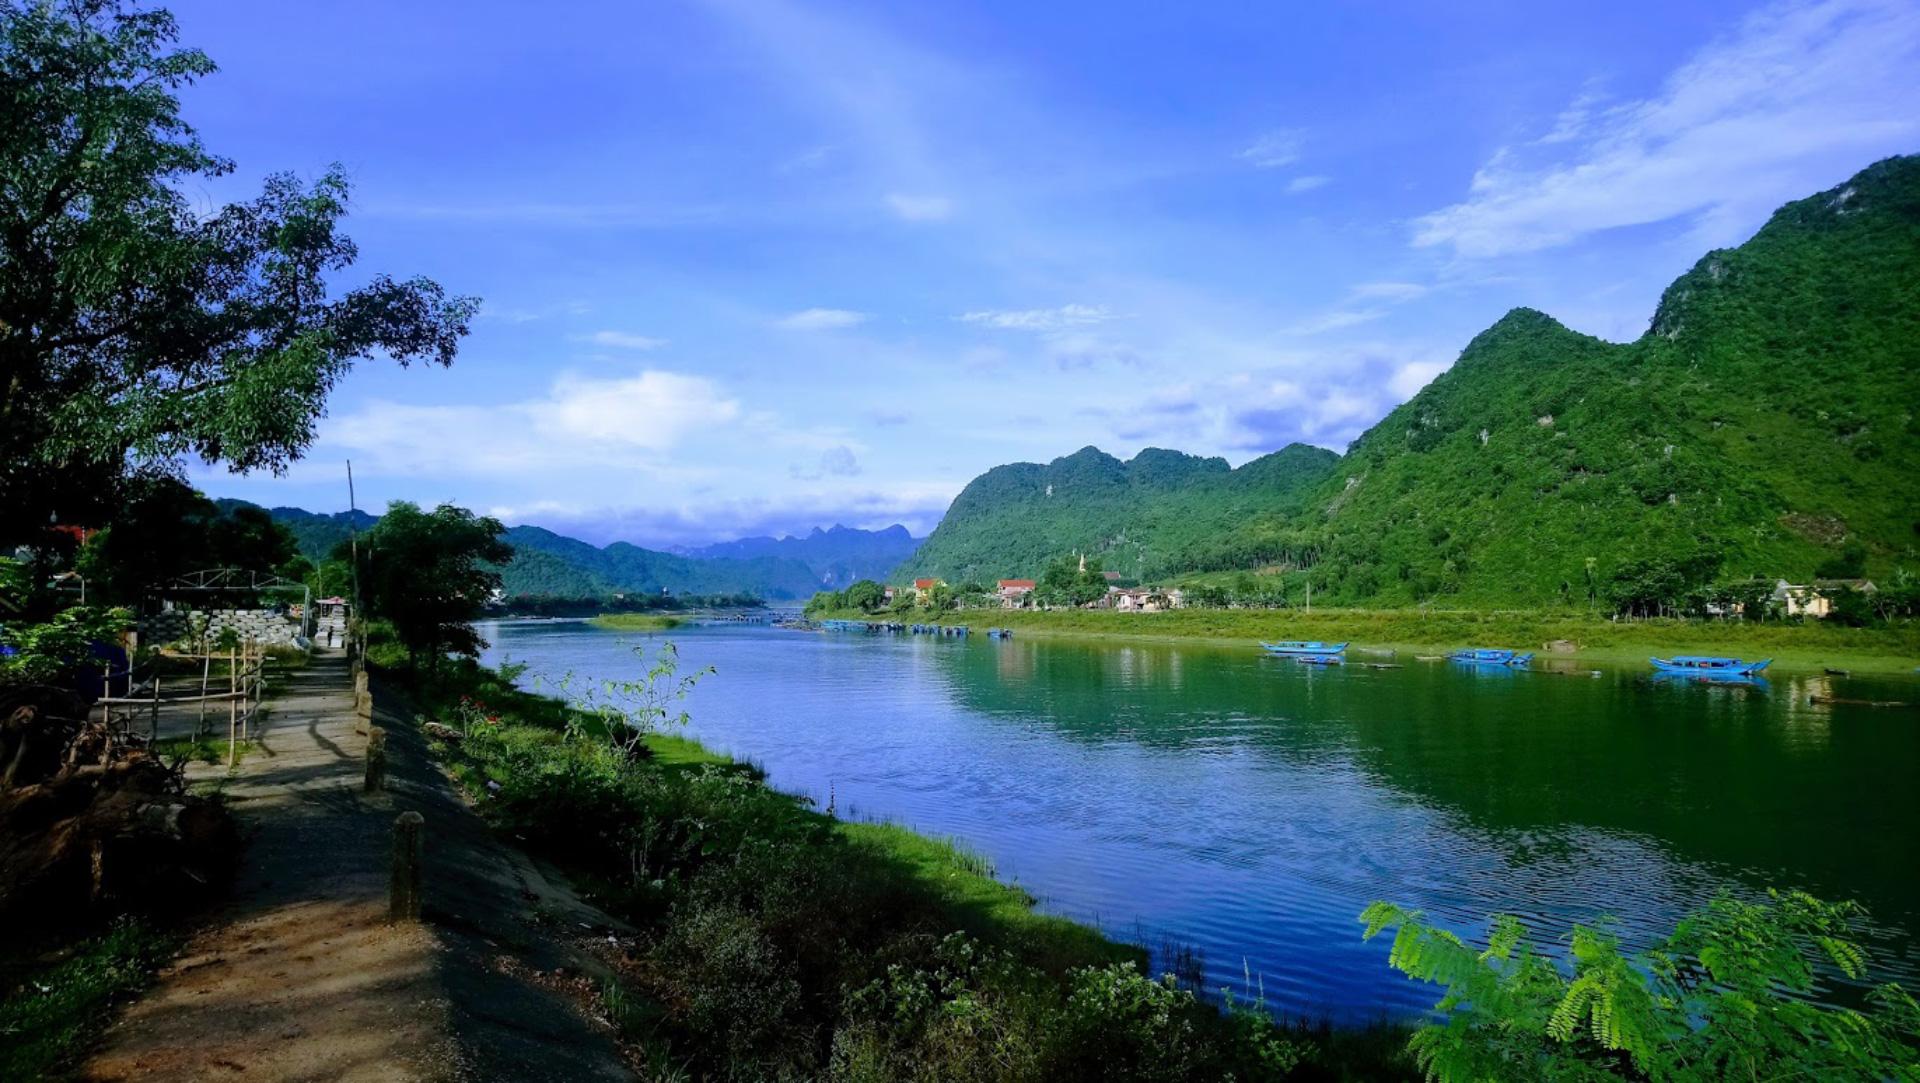 Song Son River